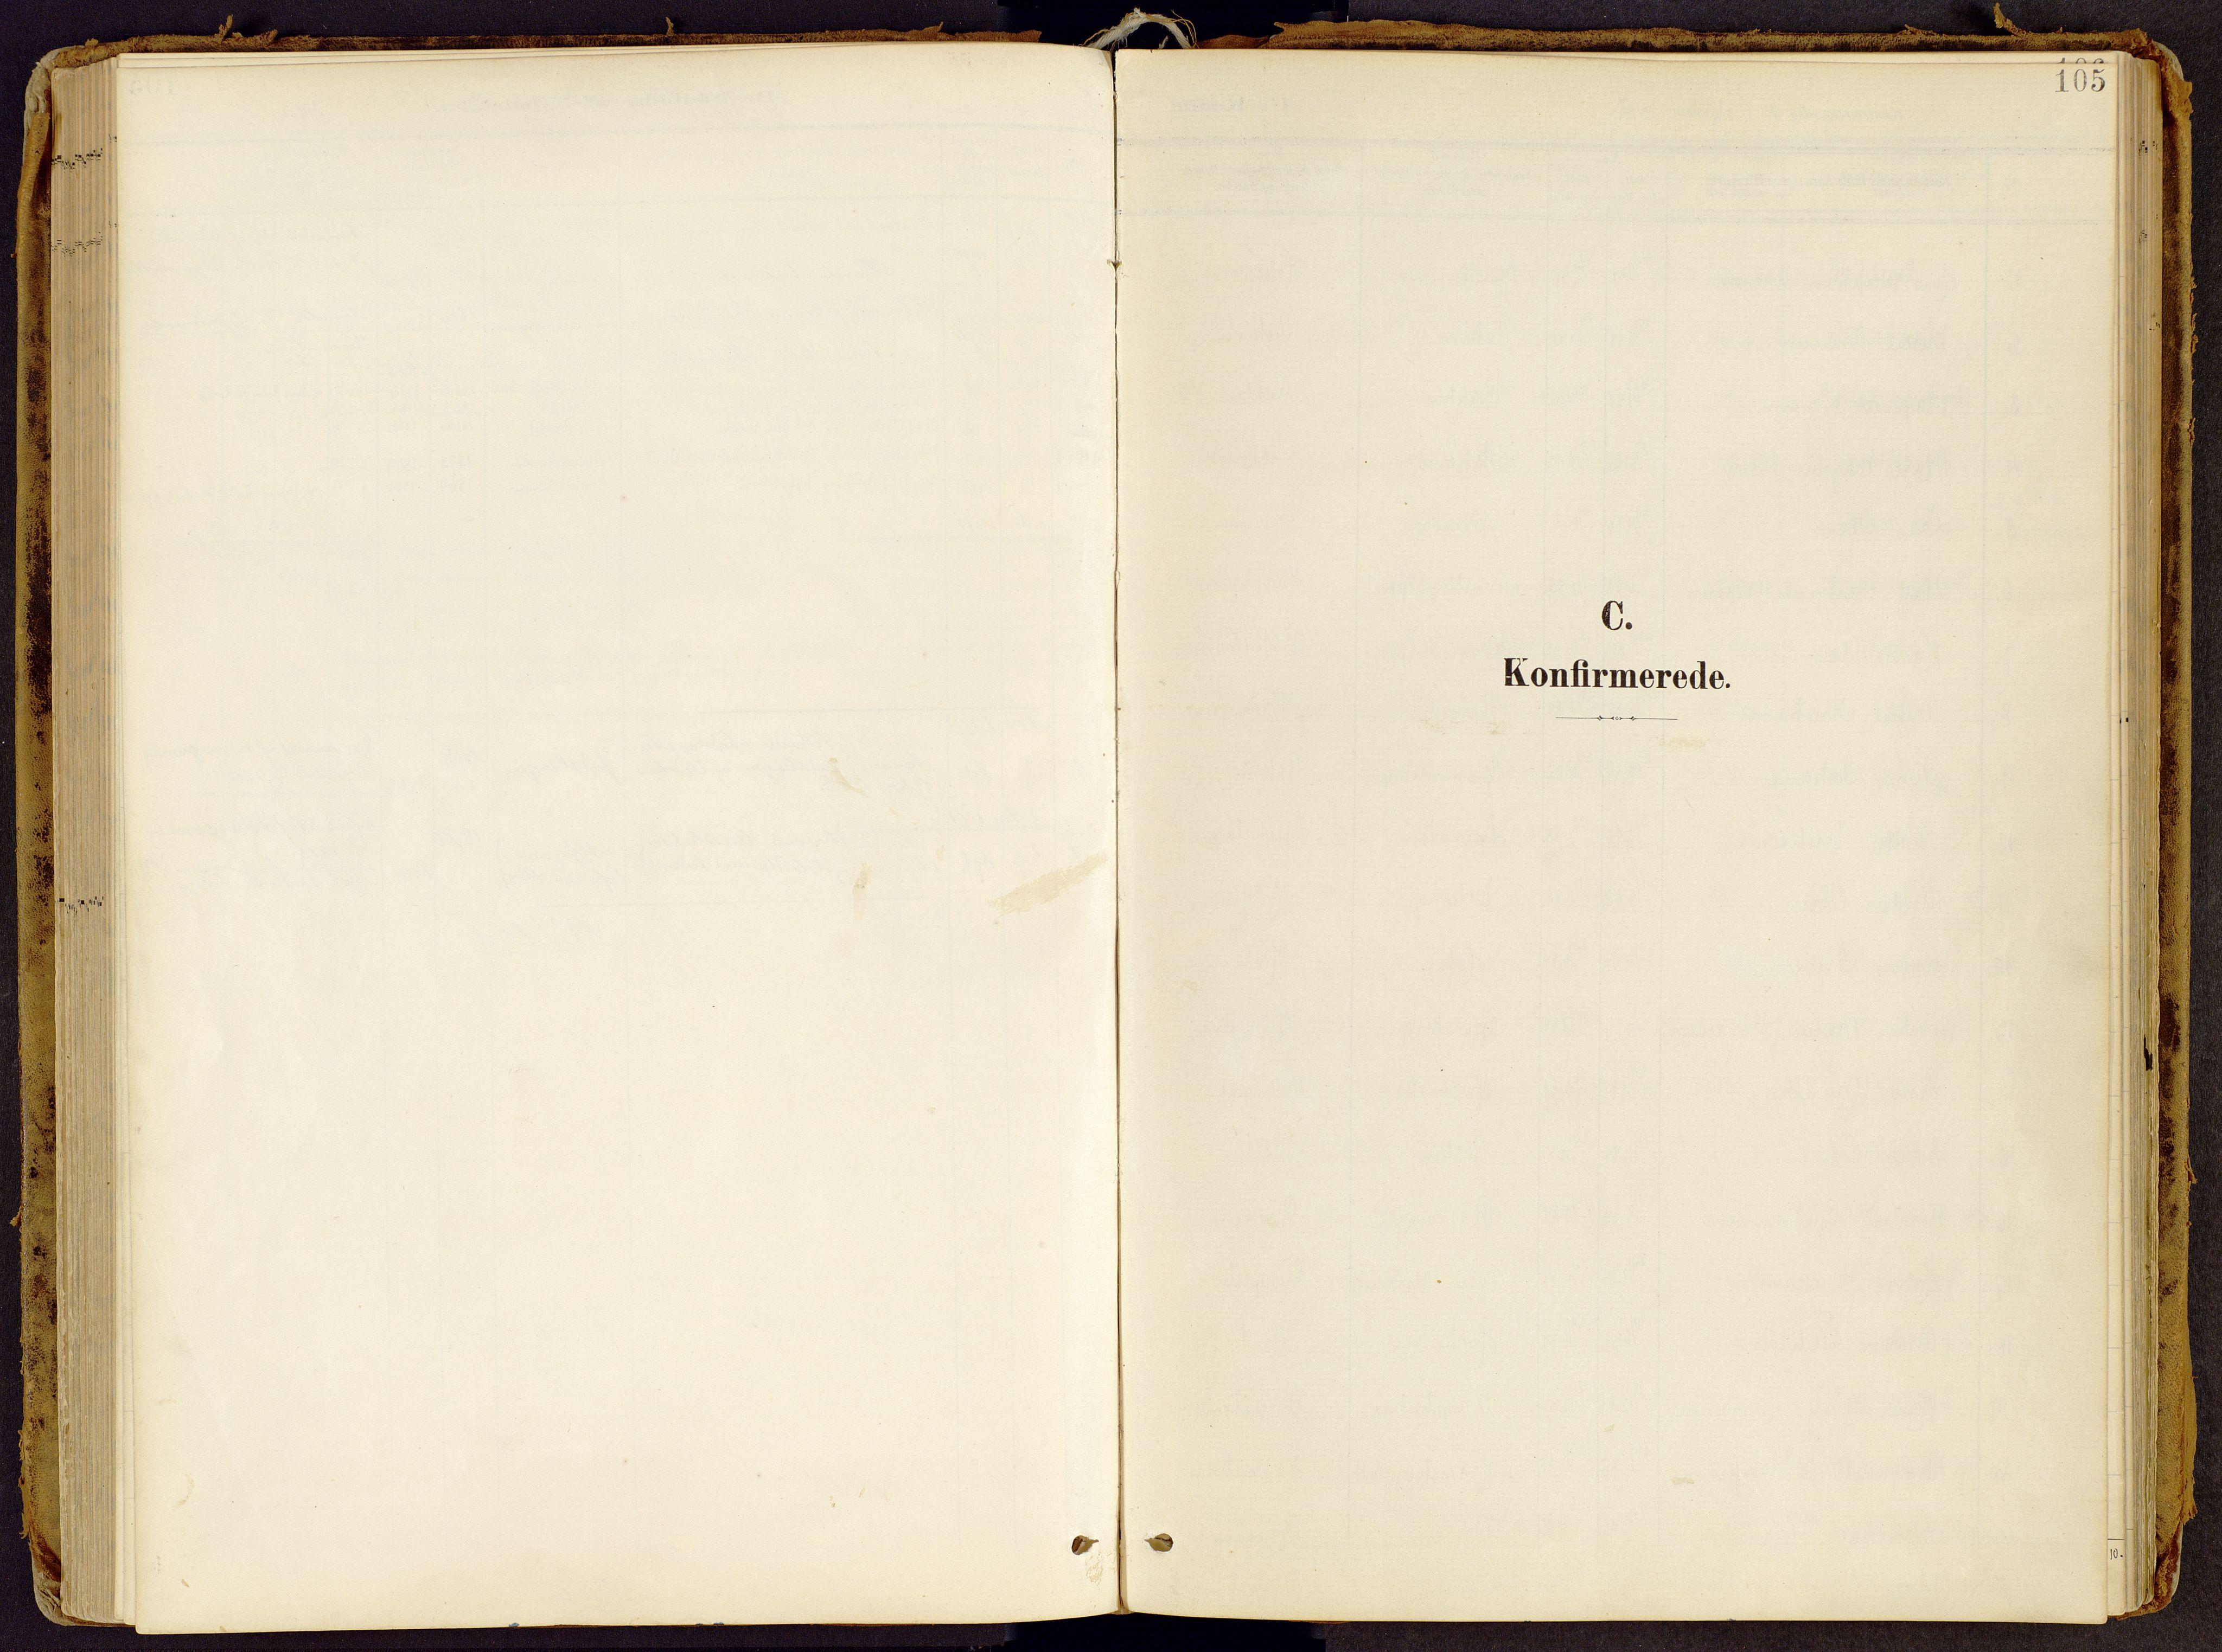 SAH, Brandbu prestekontor, Ministerialbok nr. 2, 1899-1914, s. 105